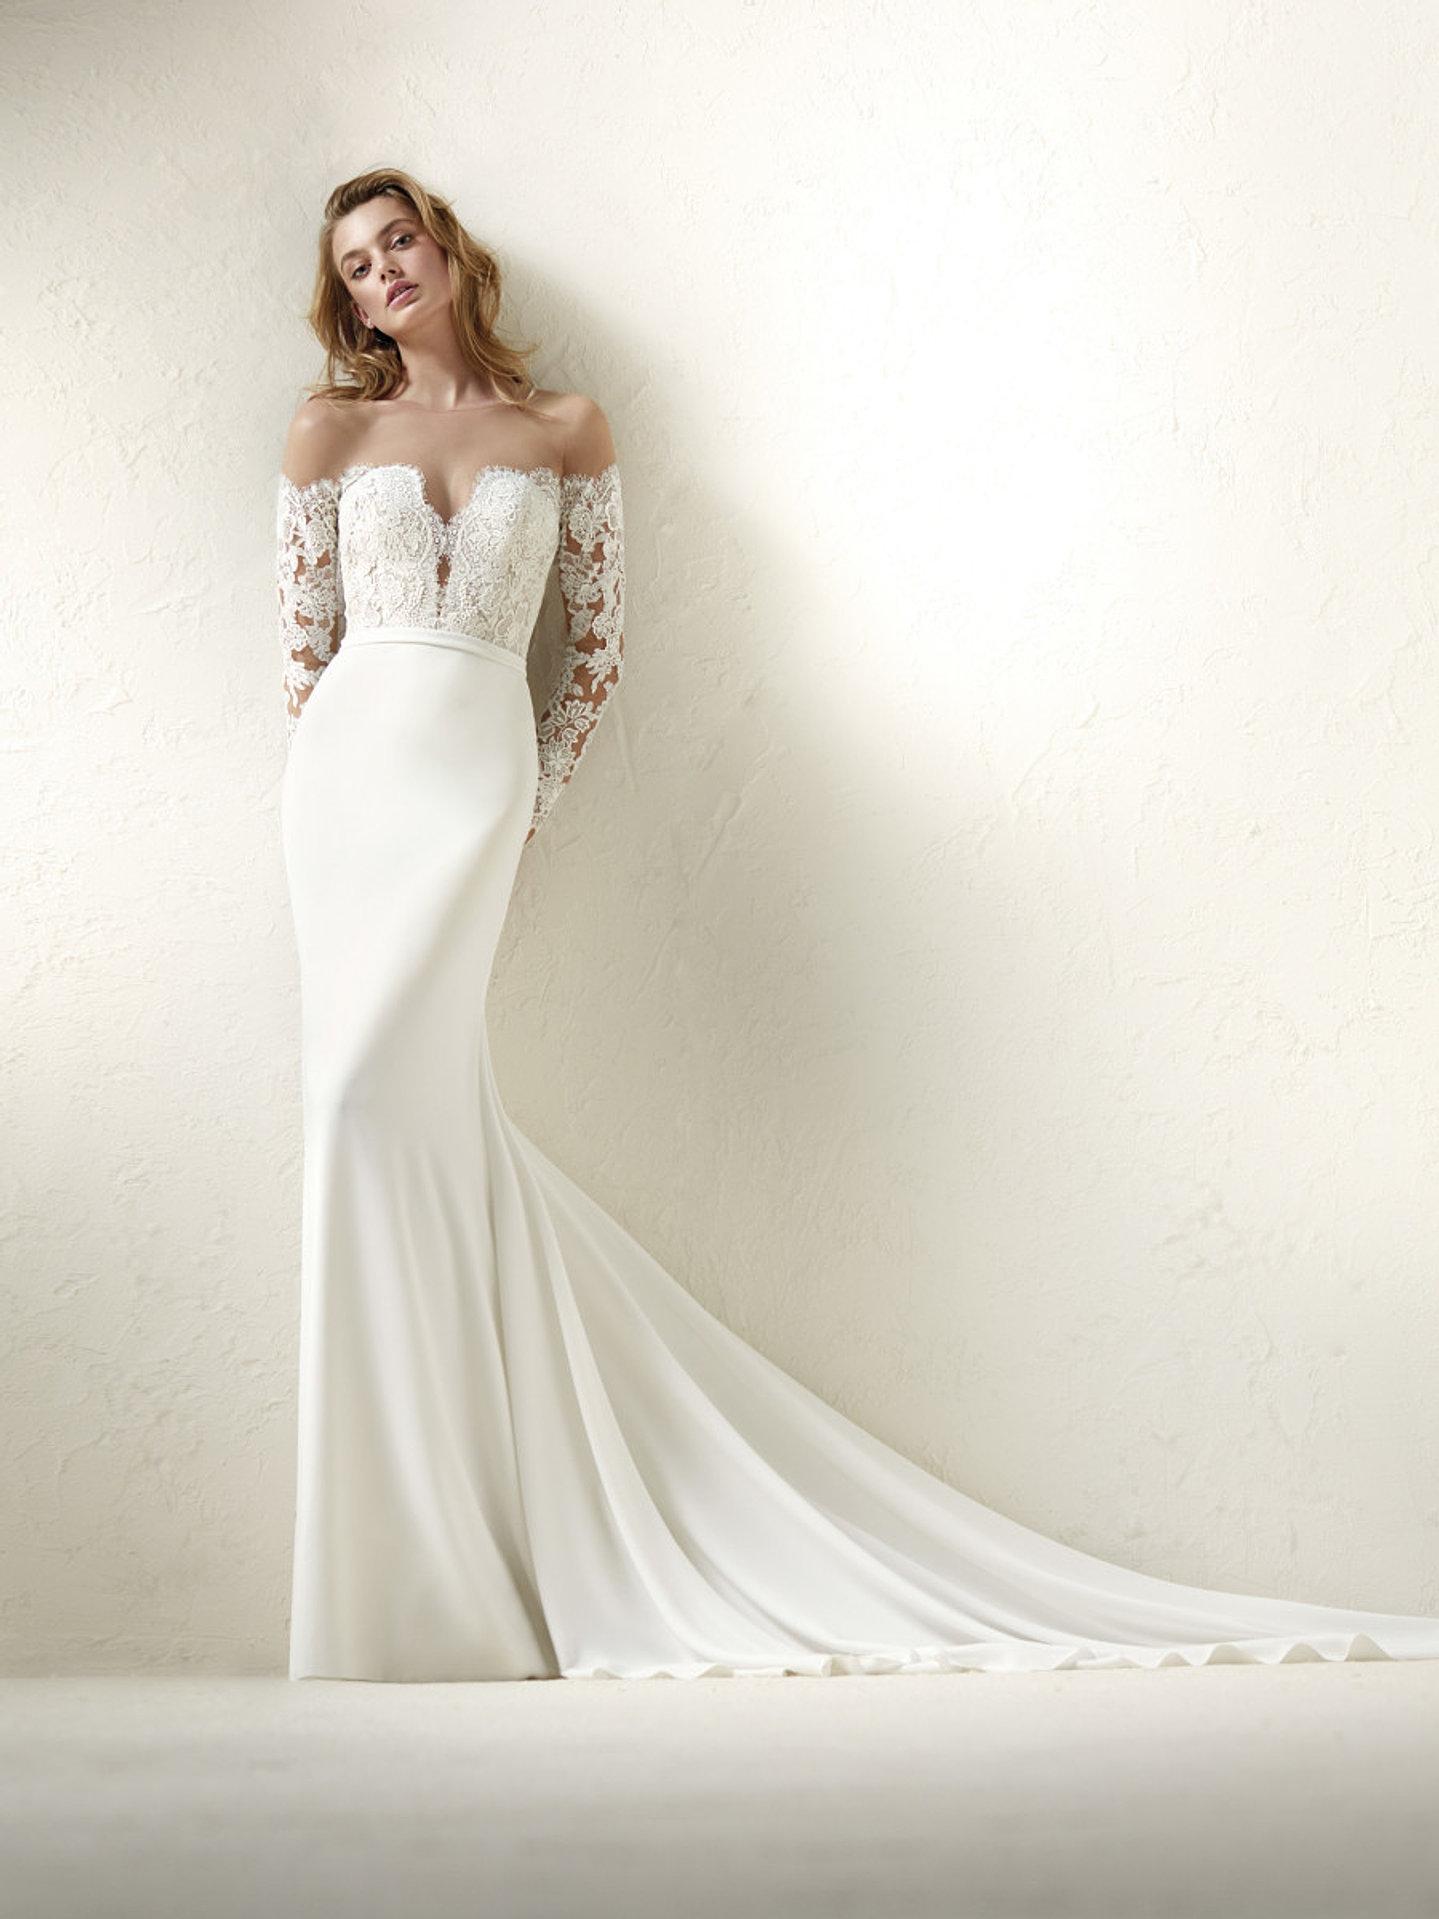 Fein Seidencharmeuse Hochzeitskleid Bilder - Hochzeit Kleid Stile ...